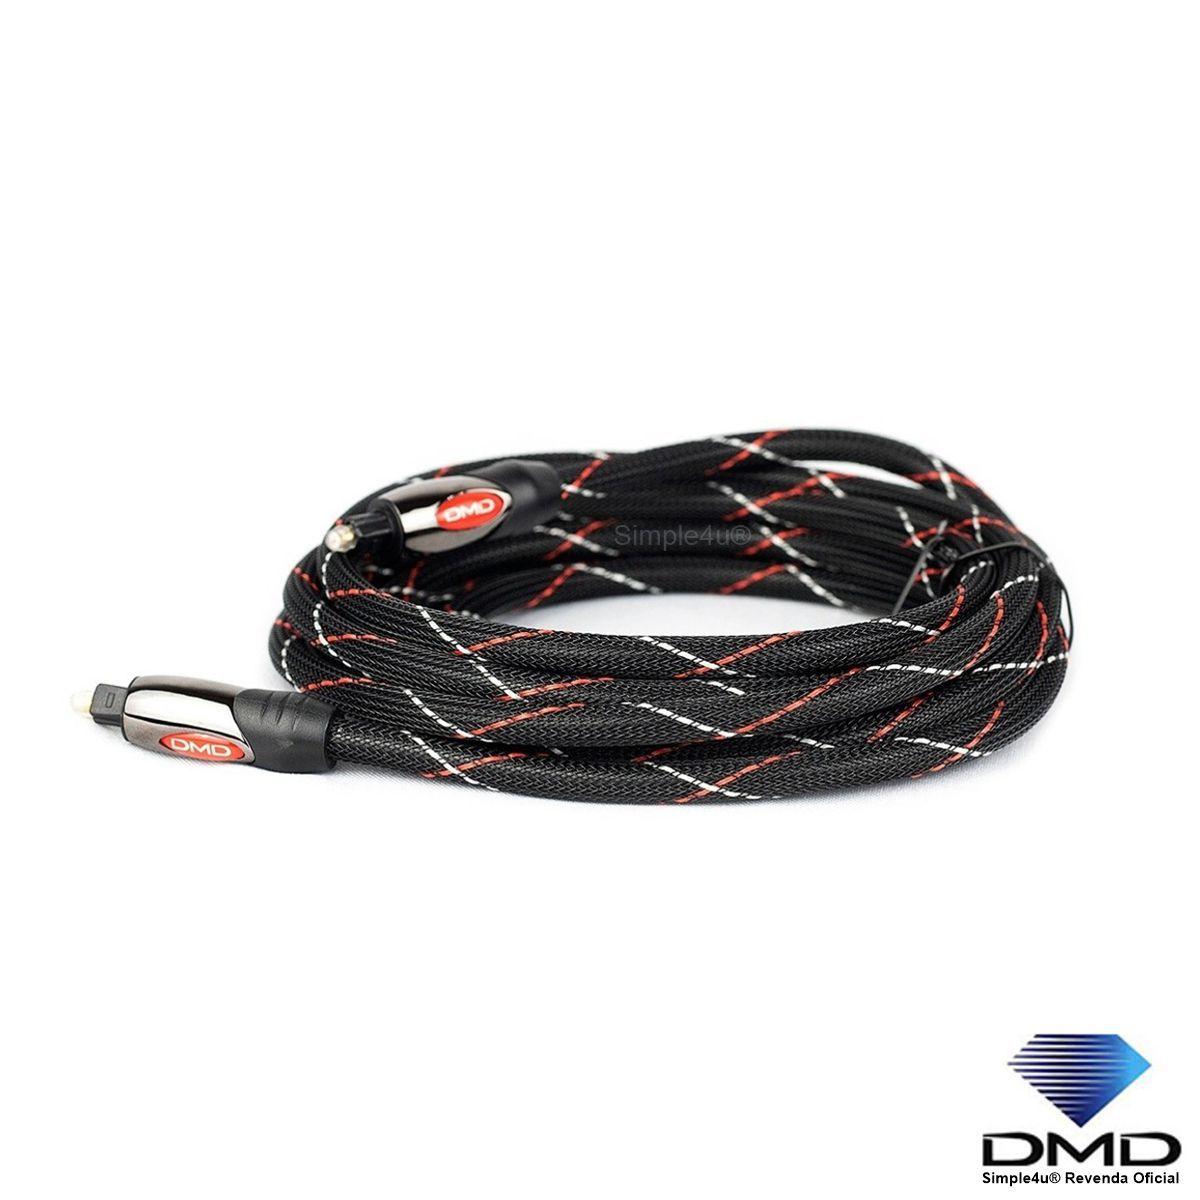 Cabo Fibra Óptica DMD Diamond Cable JX-2003 (3,0M)